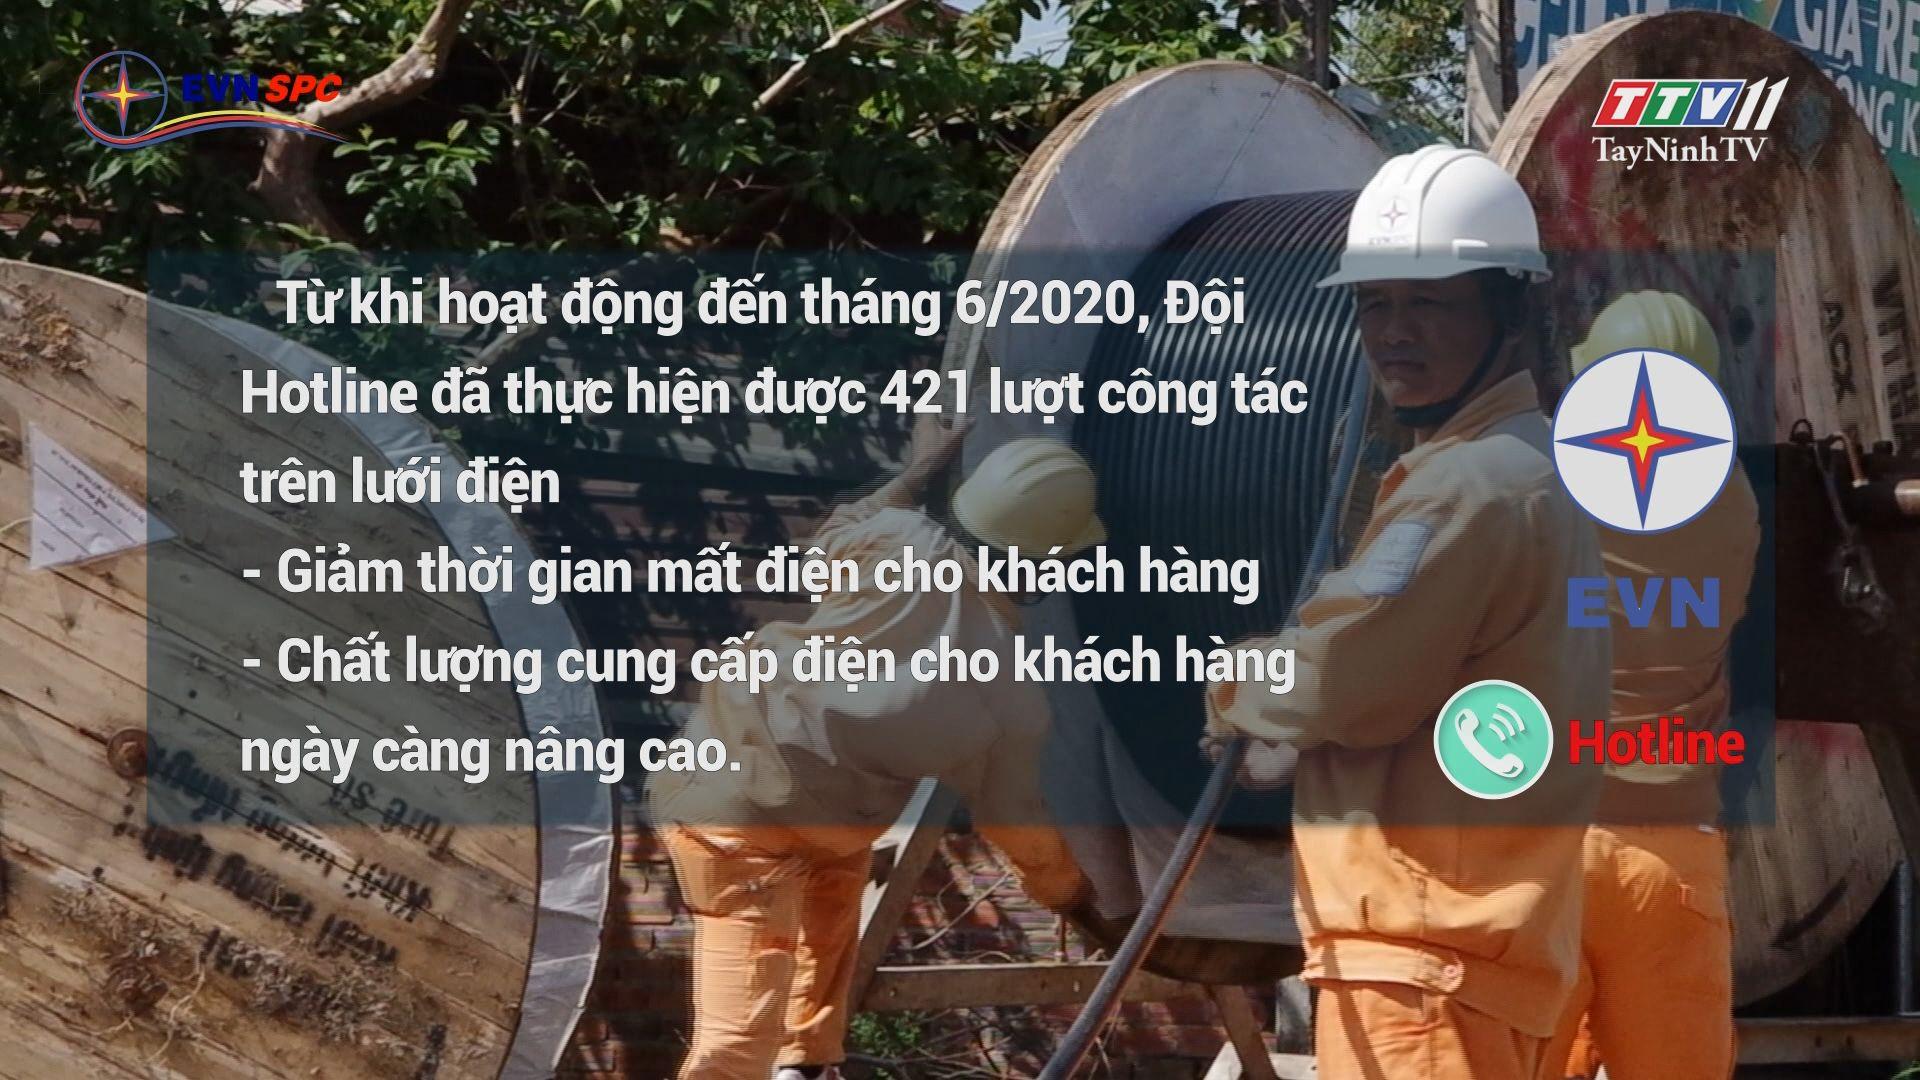 Hiệu quả của dịch vụ sửa chữa hotline   ĐIỆN VÀ CUỘC SỐNG   TayNinhTV